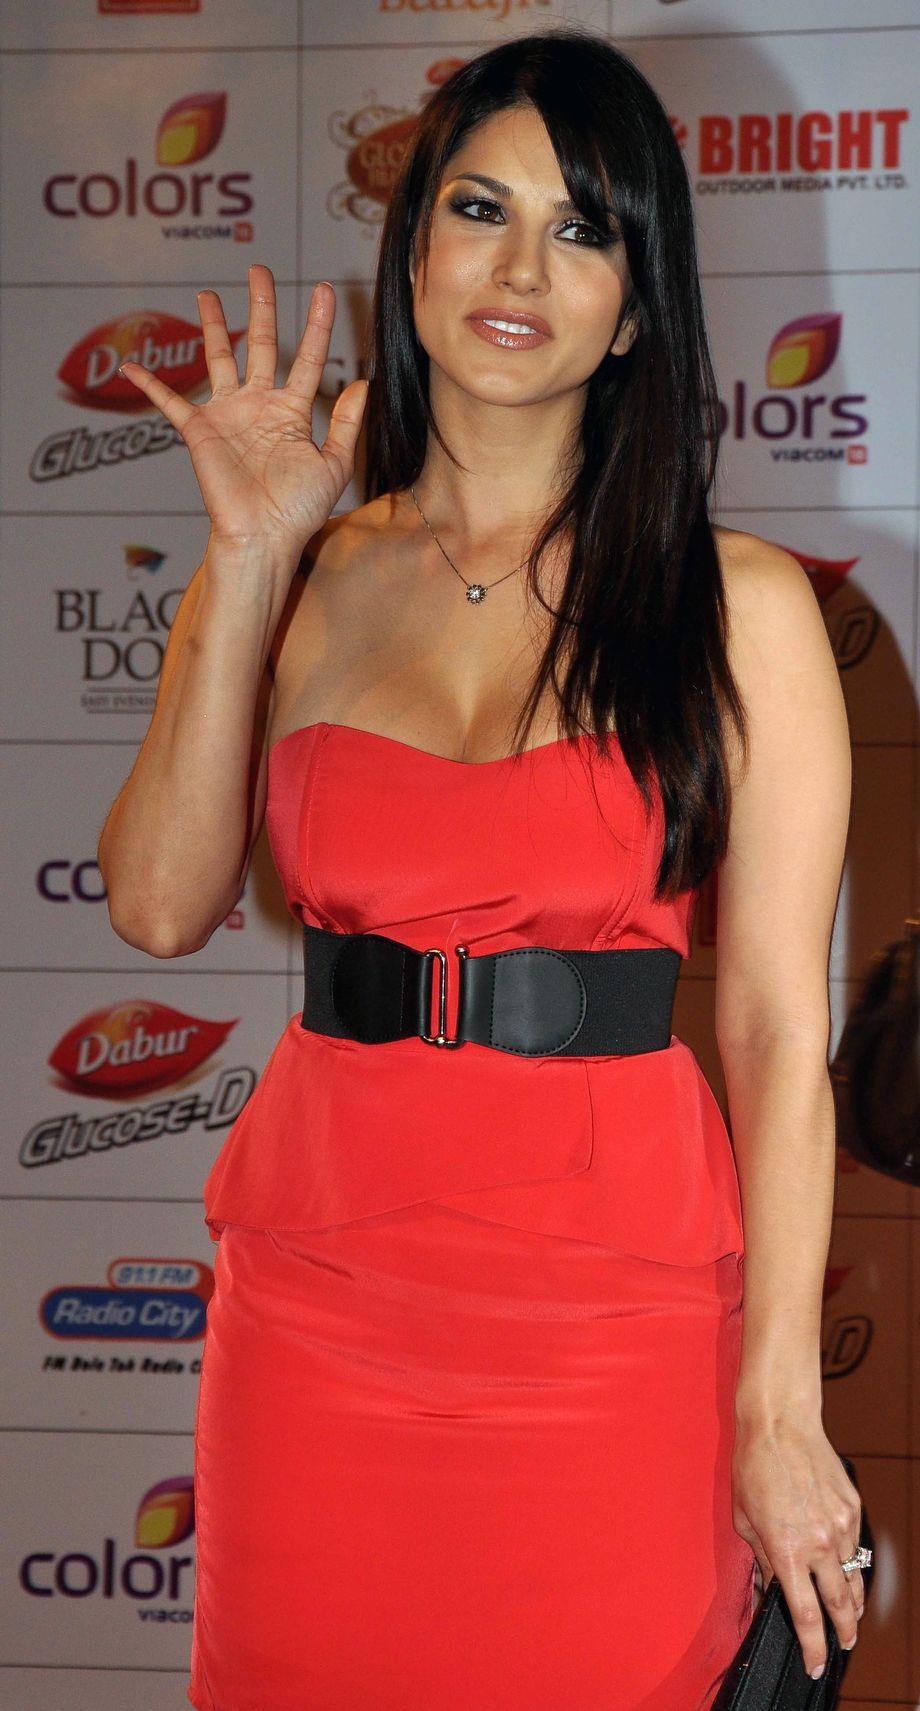 Sunny Leone Wartet Auf Einen Schwanz